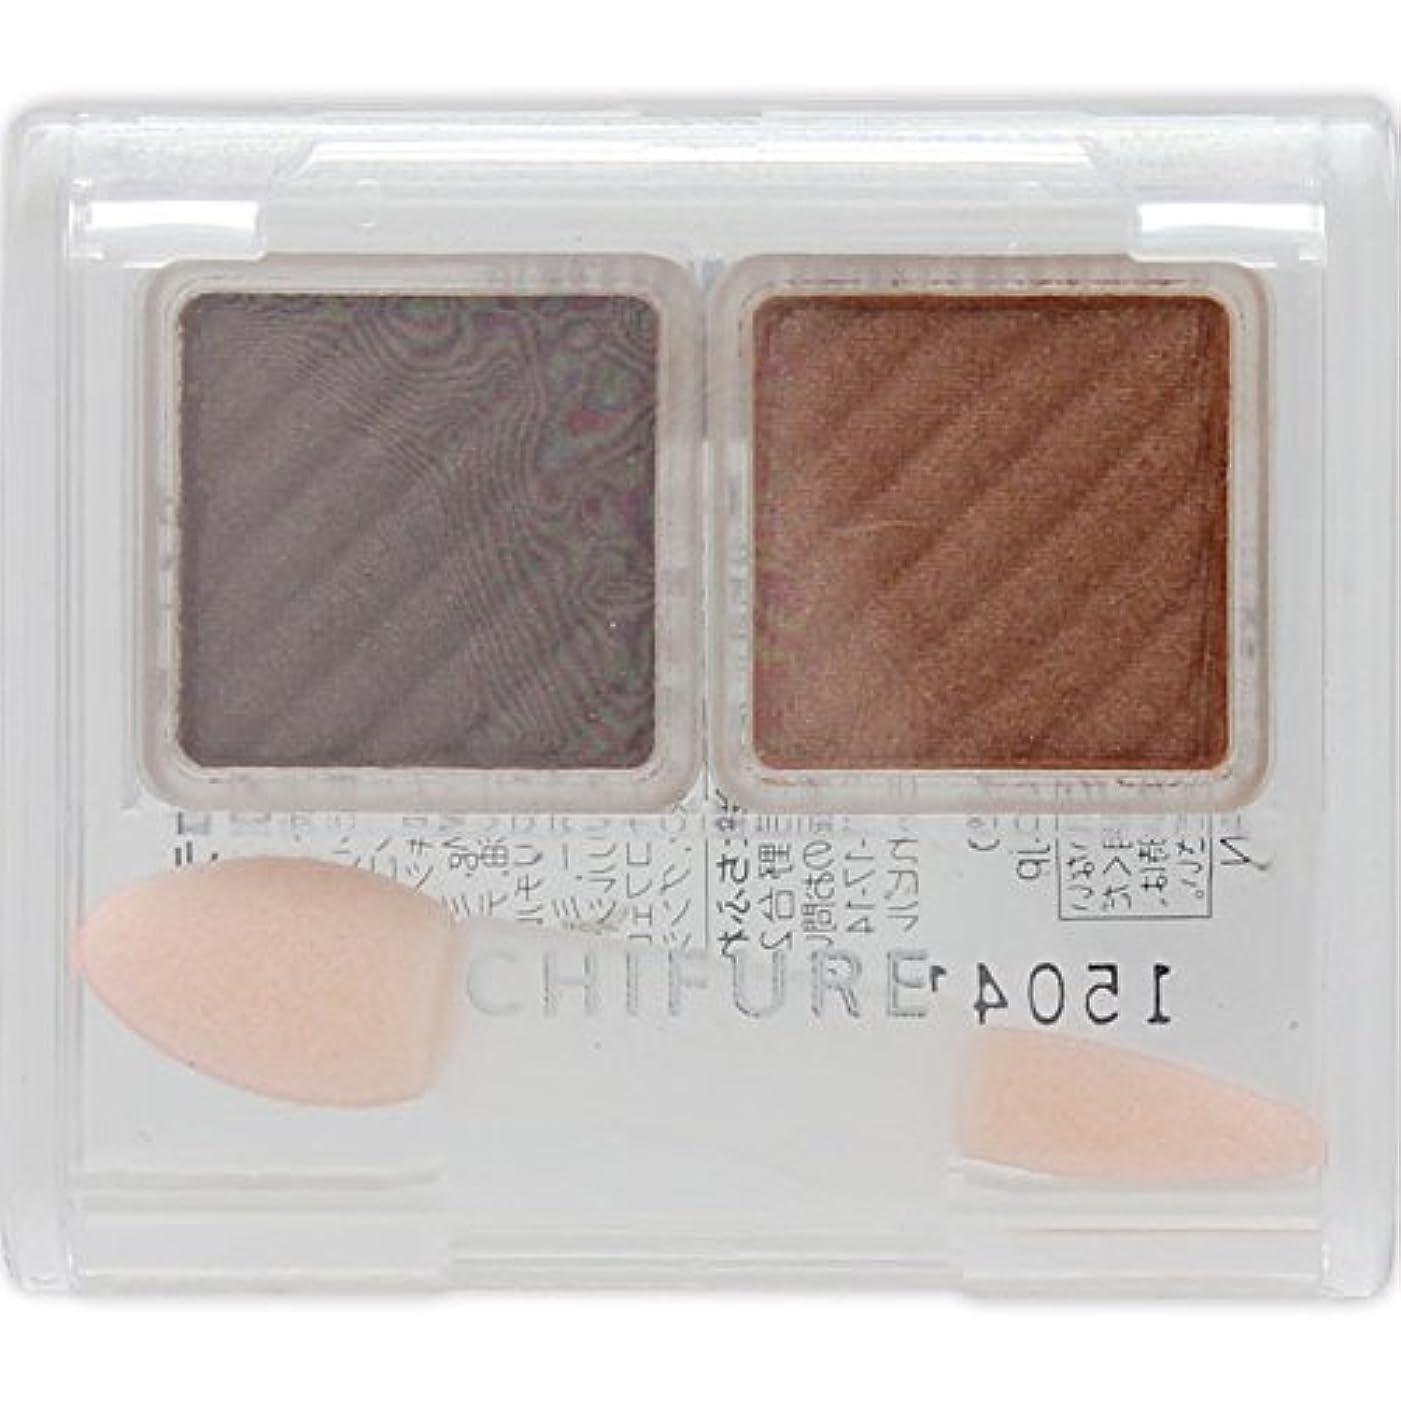 励起ビジネス生じるちふれ化粧品 アイ カラー(チップ付) チョコレートブラウン 70番